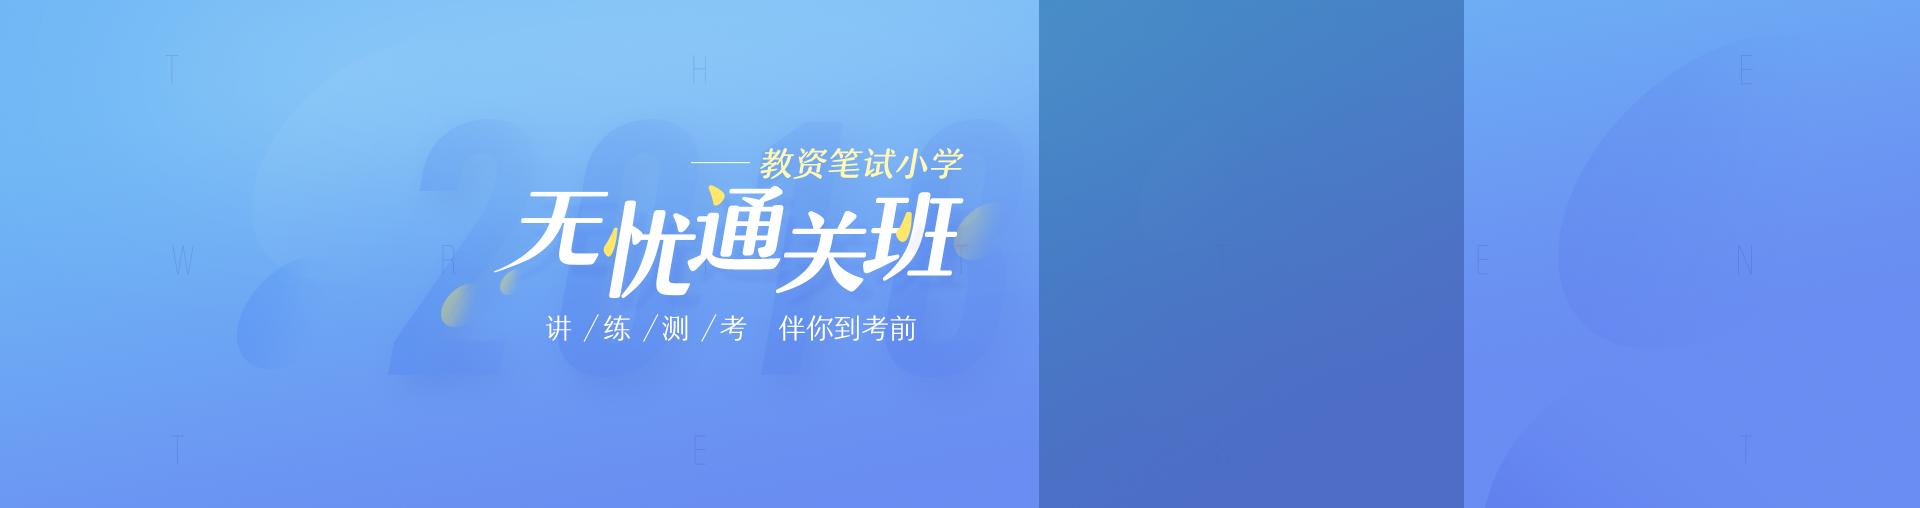 2019上教资笔试无忧通关班-小学